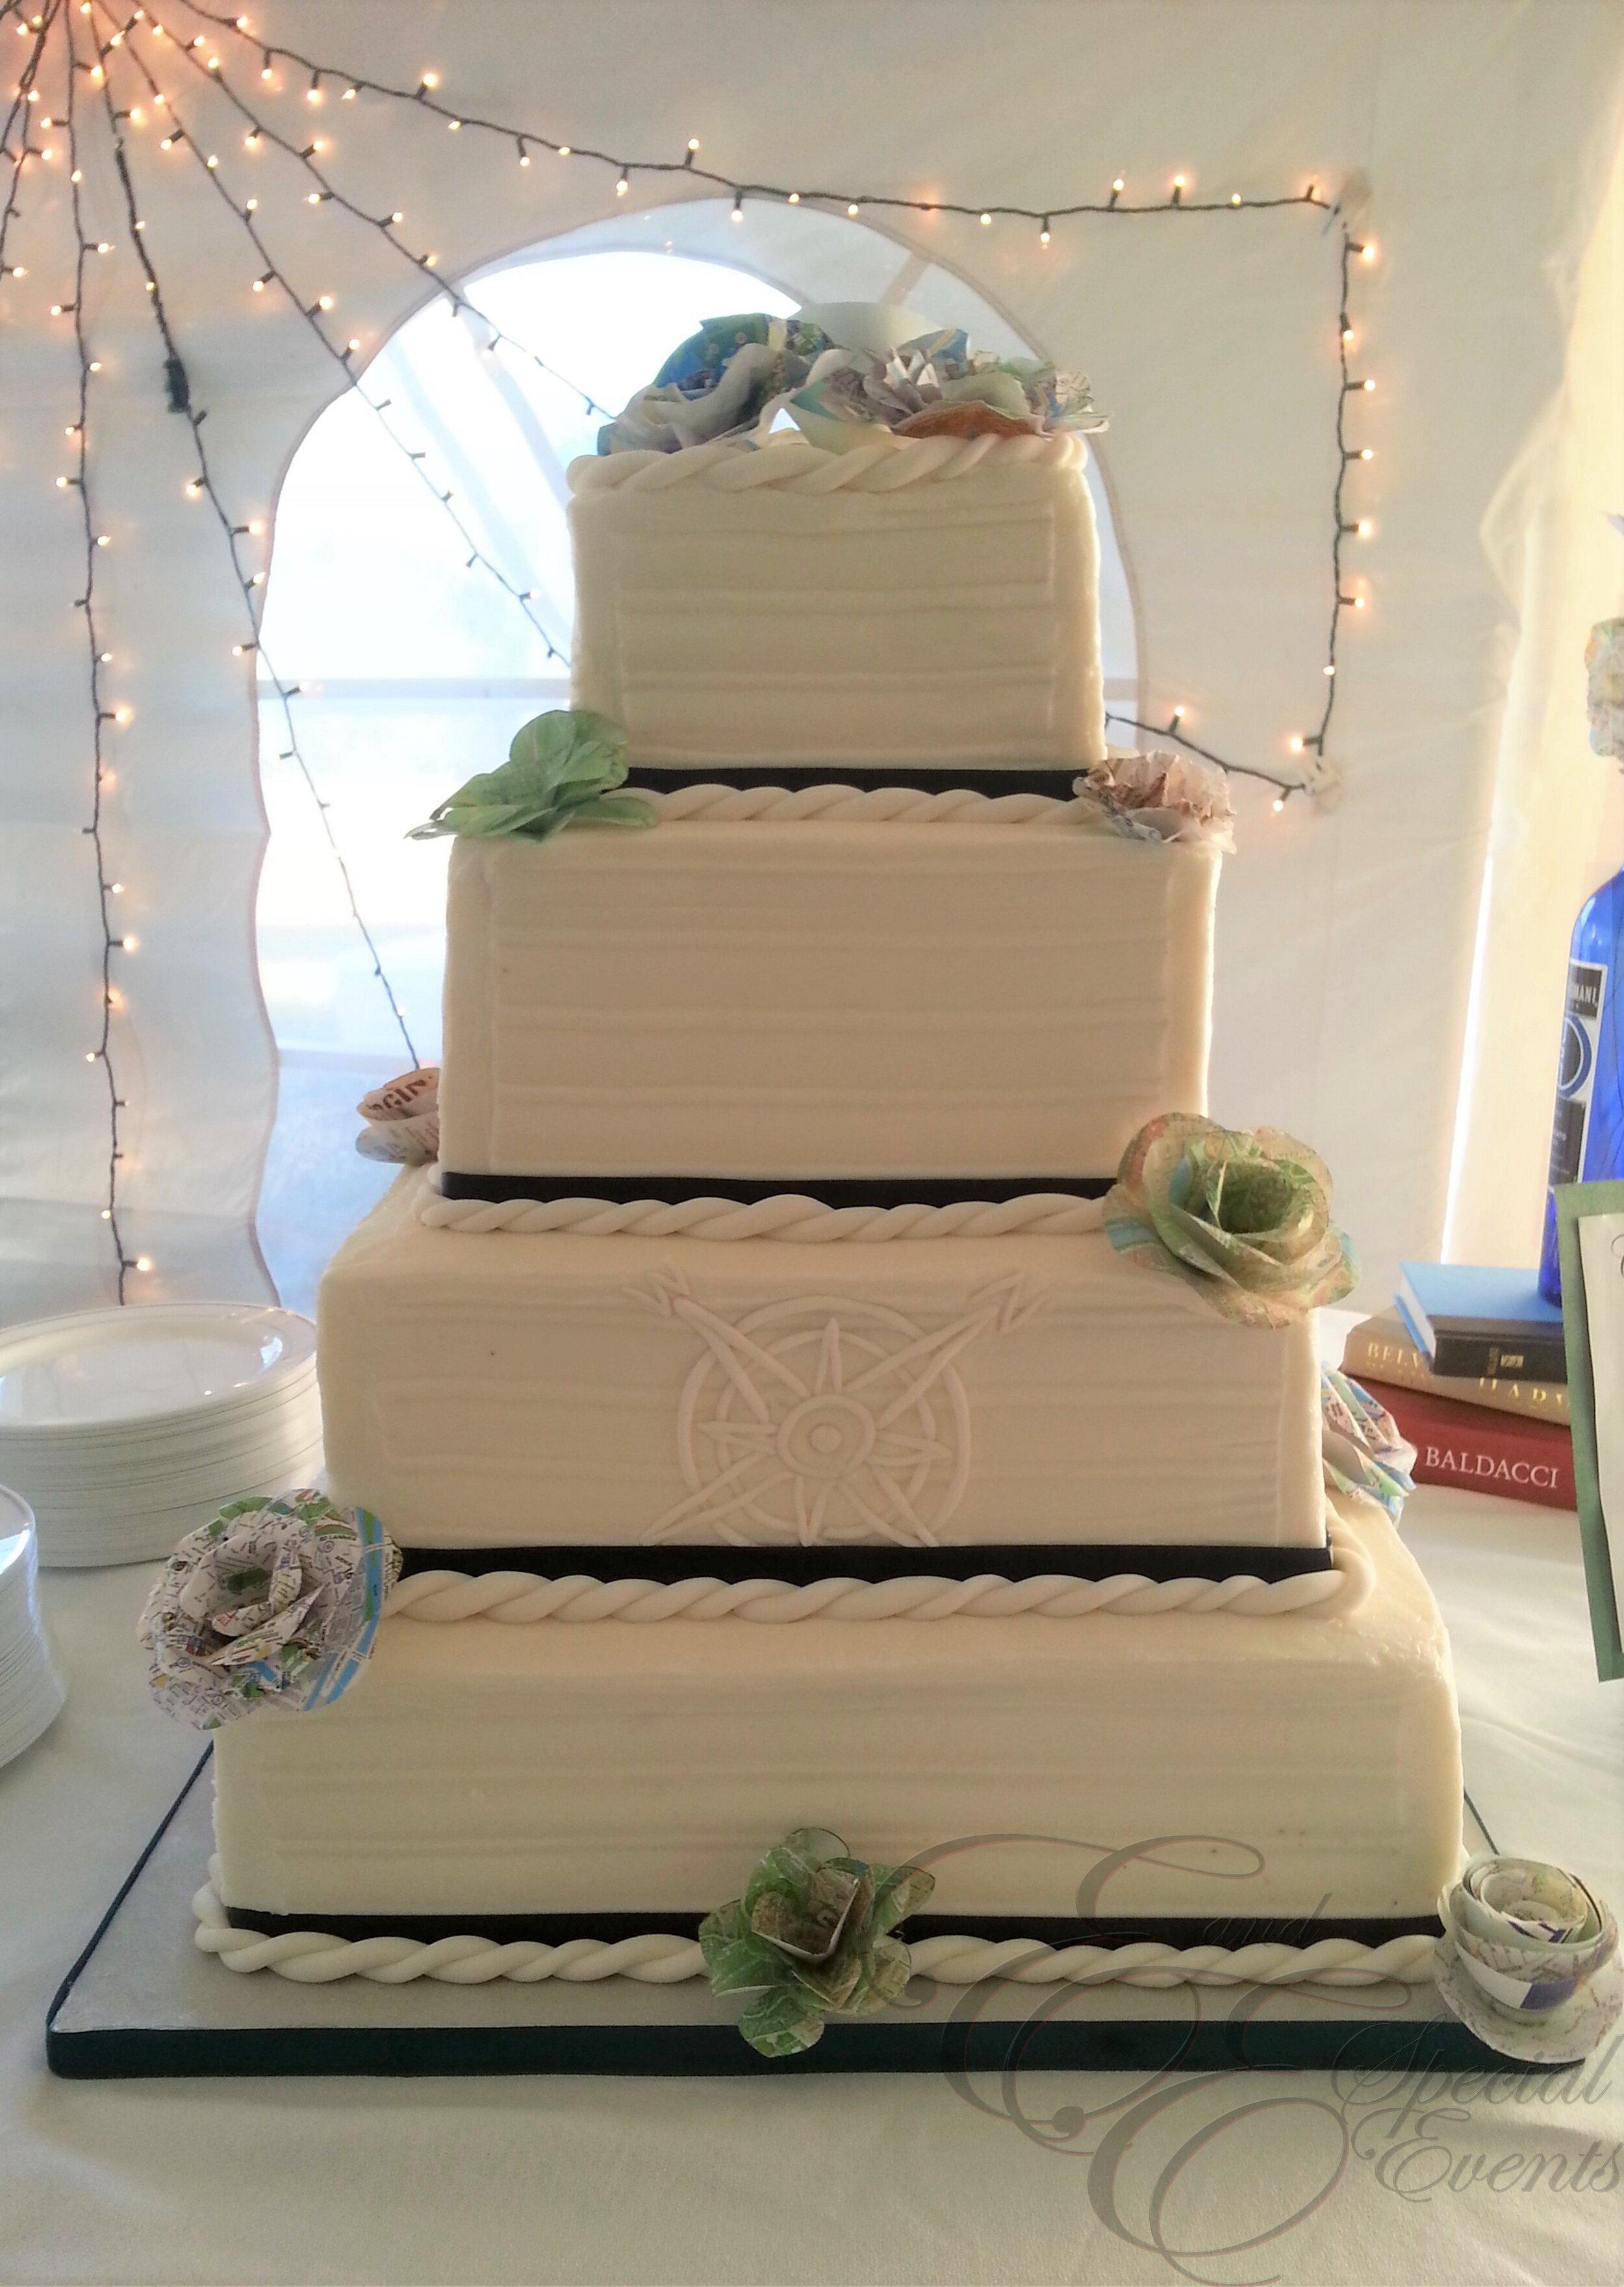 wedding_cakes_E_and_E_Special_Events_virginia_beach_21.jpg